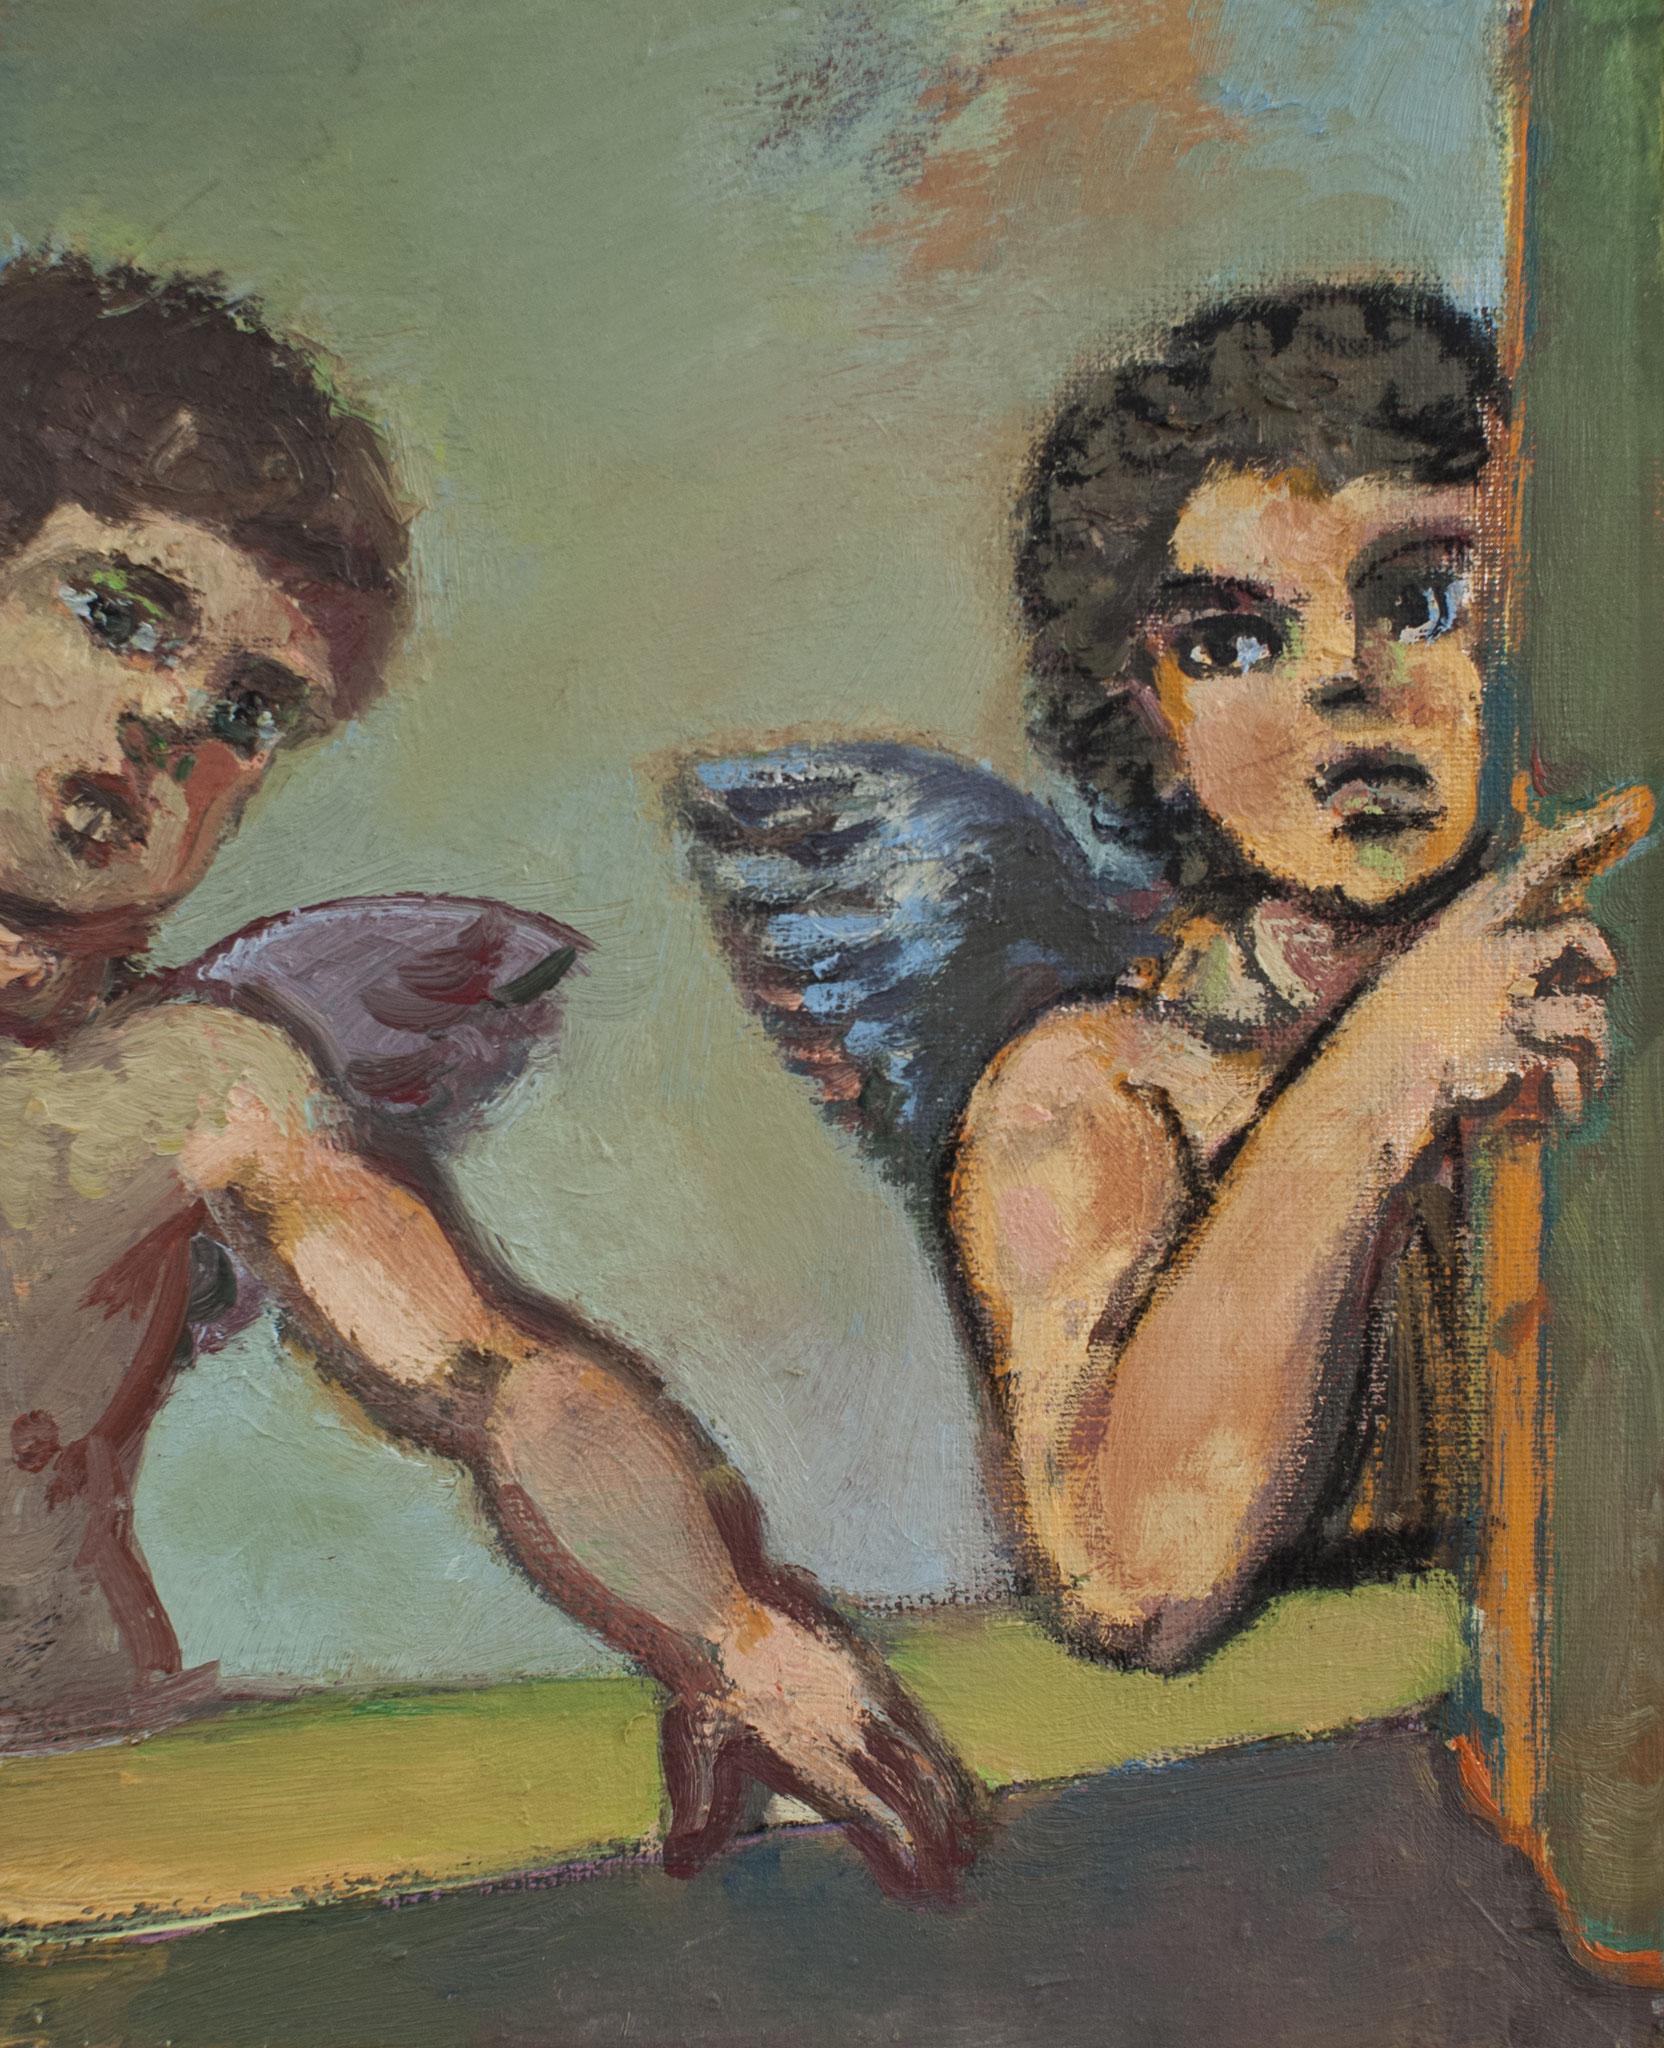 Die Lauschenden; 2010, Öl auf Leinwand, 30cm x 24cm